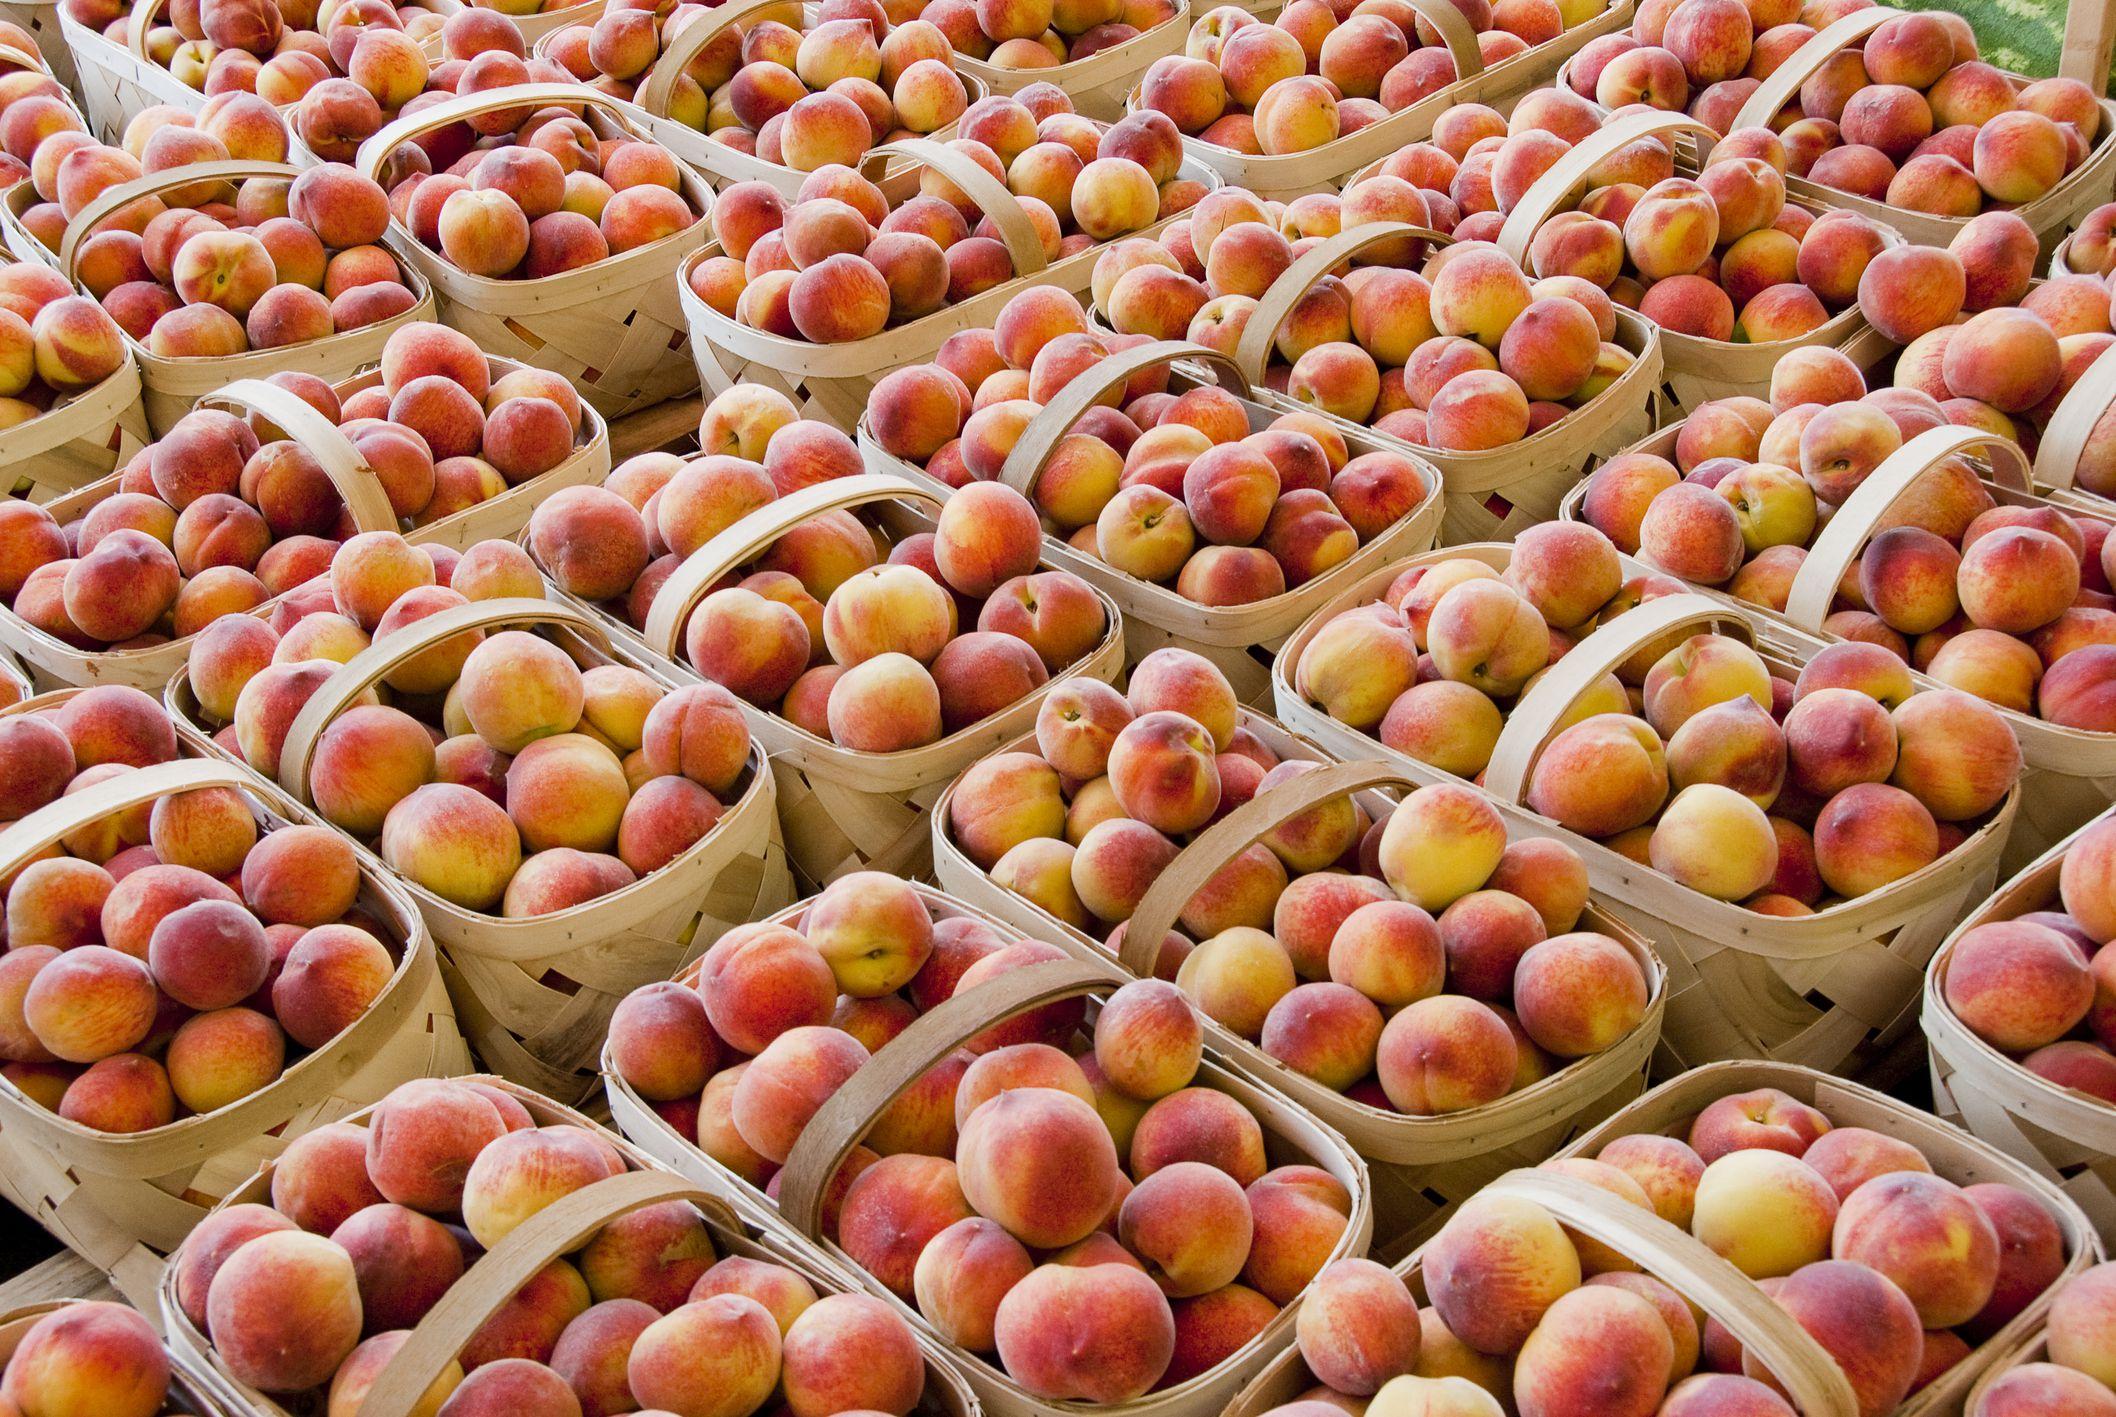 North Carolina Seasonal Fruits And Vegetables